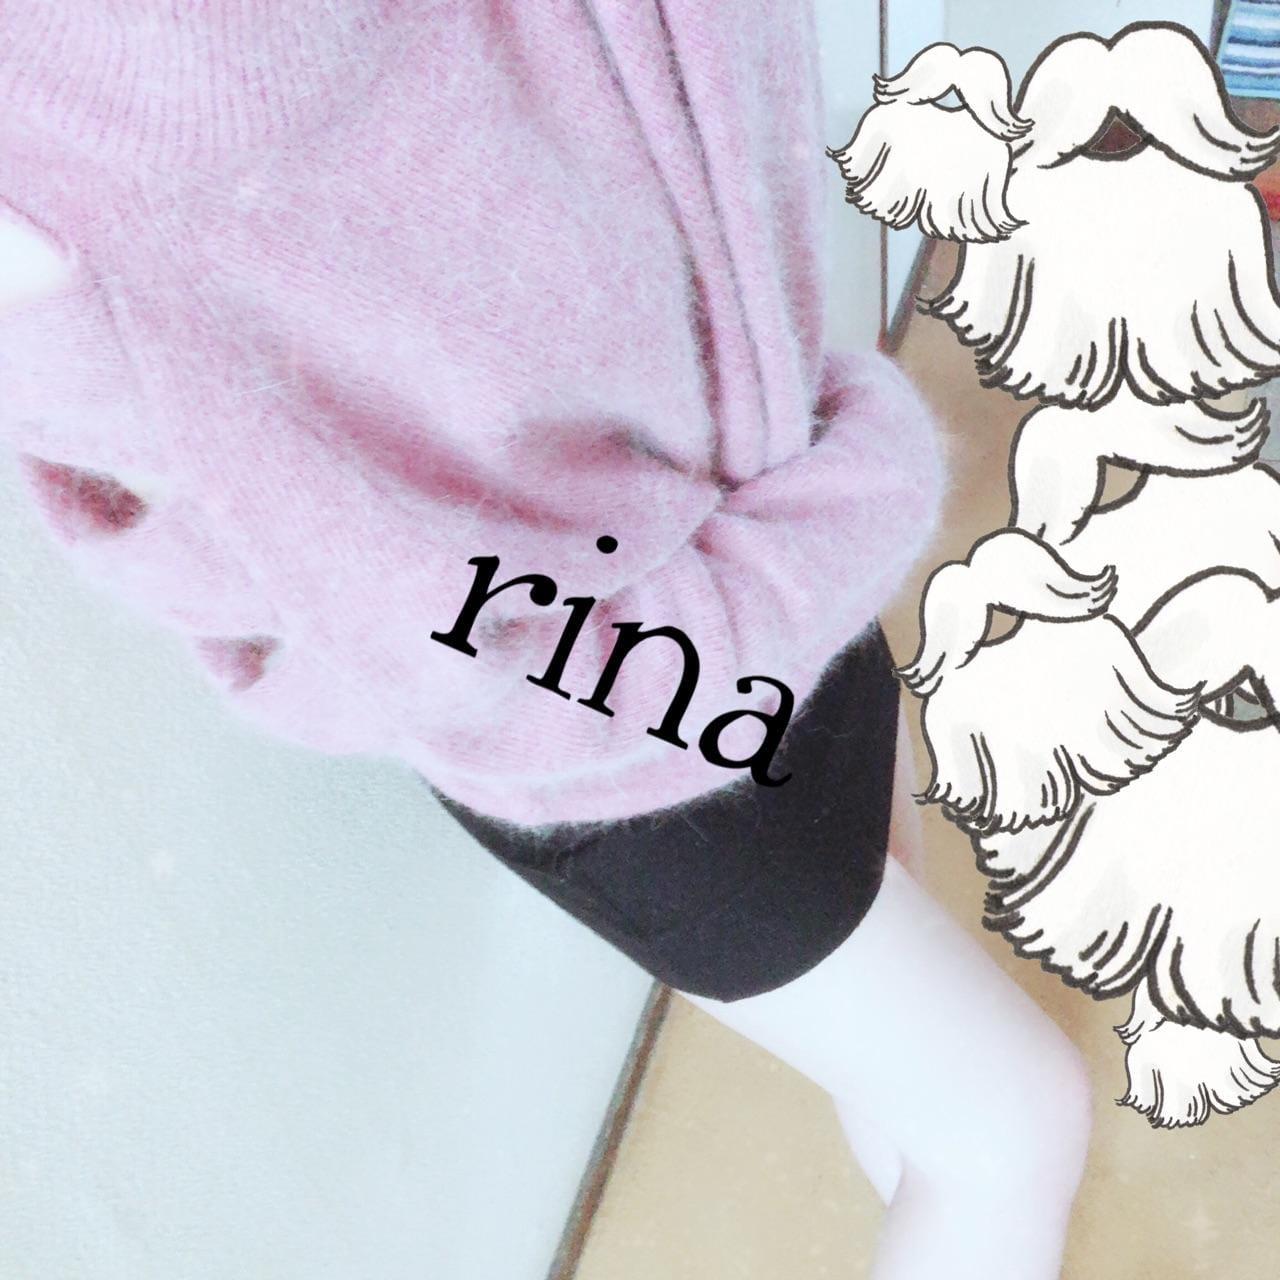 「なかよし様?(????)」12/11(12/11) 02:07 | りなの写メ・風俗動画